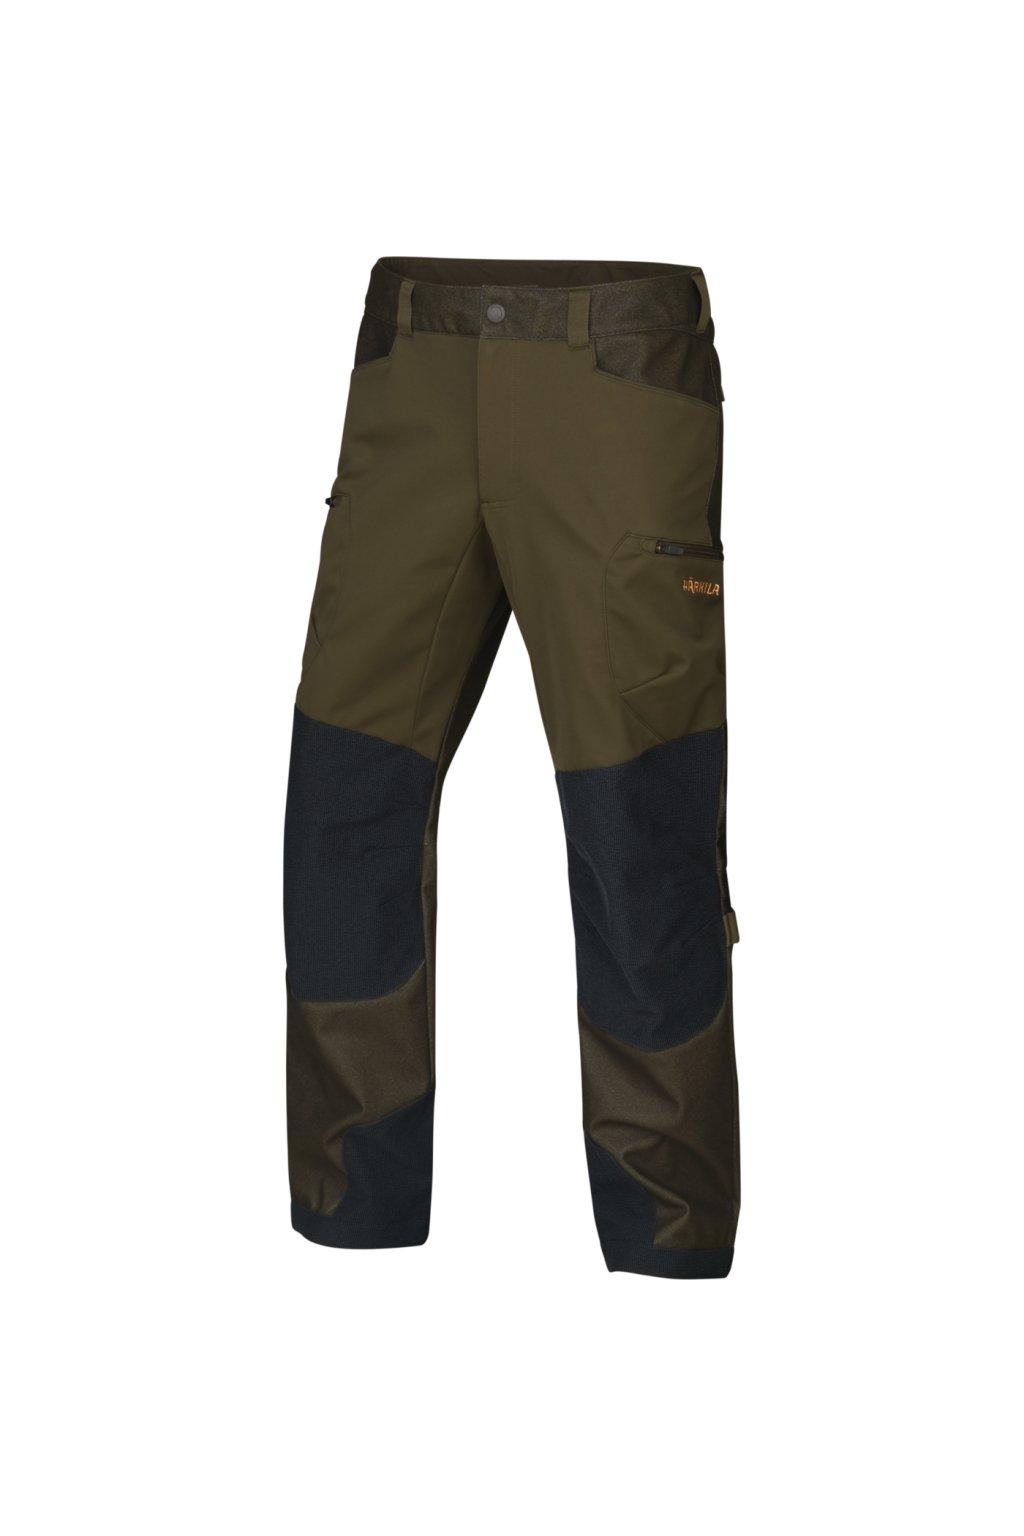 HÄRKILA  - Mountain Hunter Hybrid kalhoty pánské Willow green